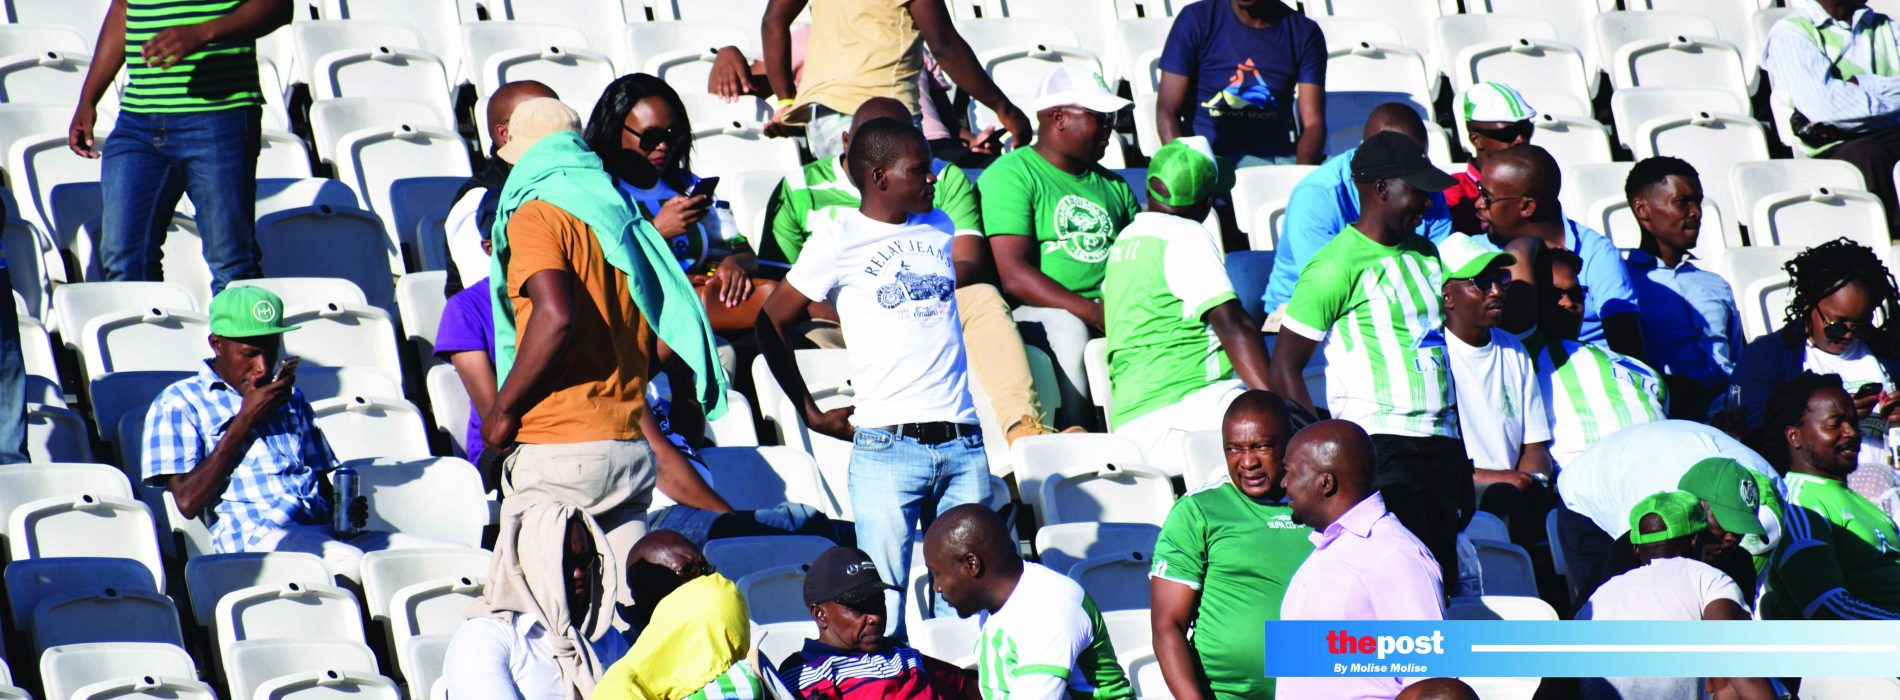 Boy injured in stadium chaos